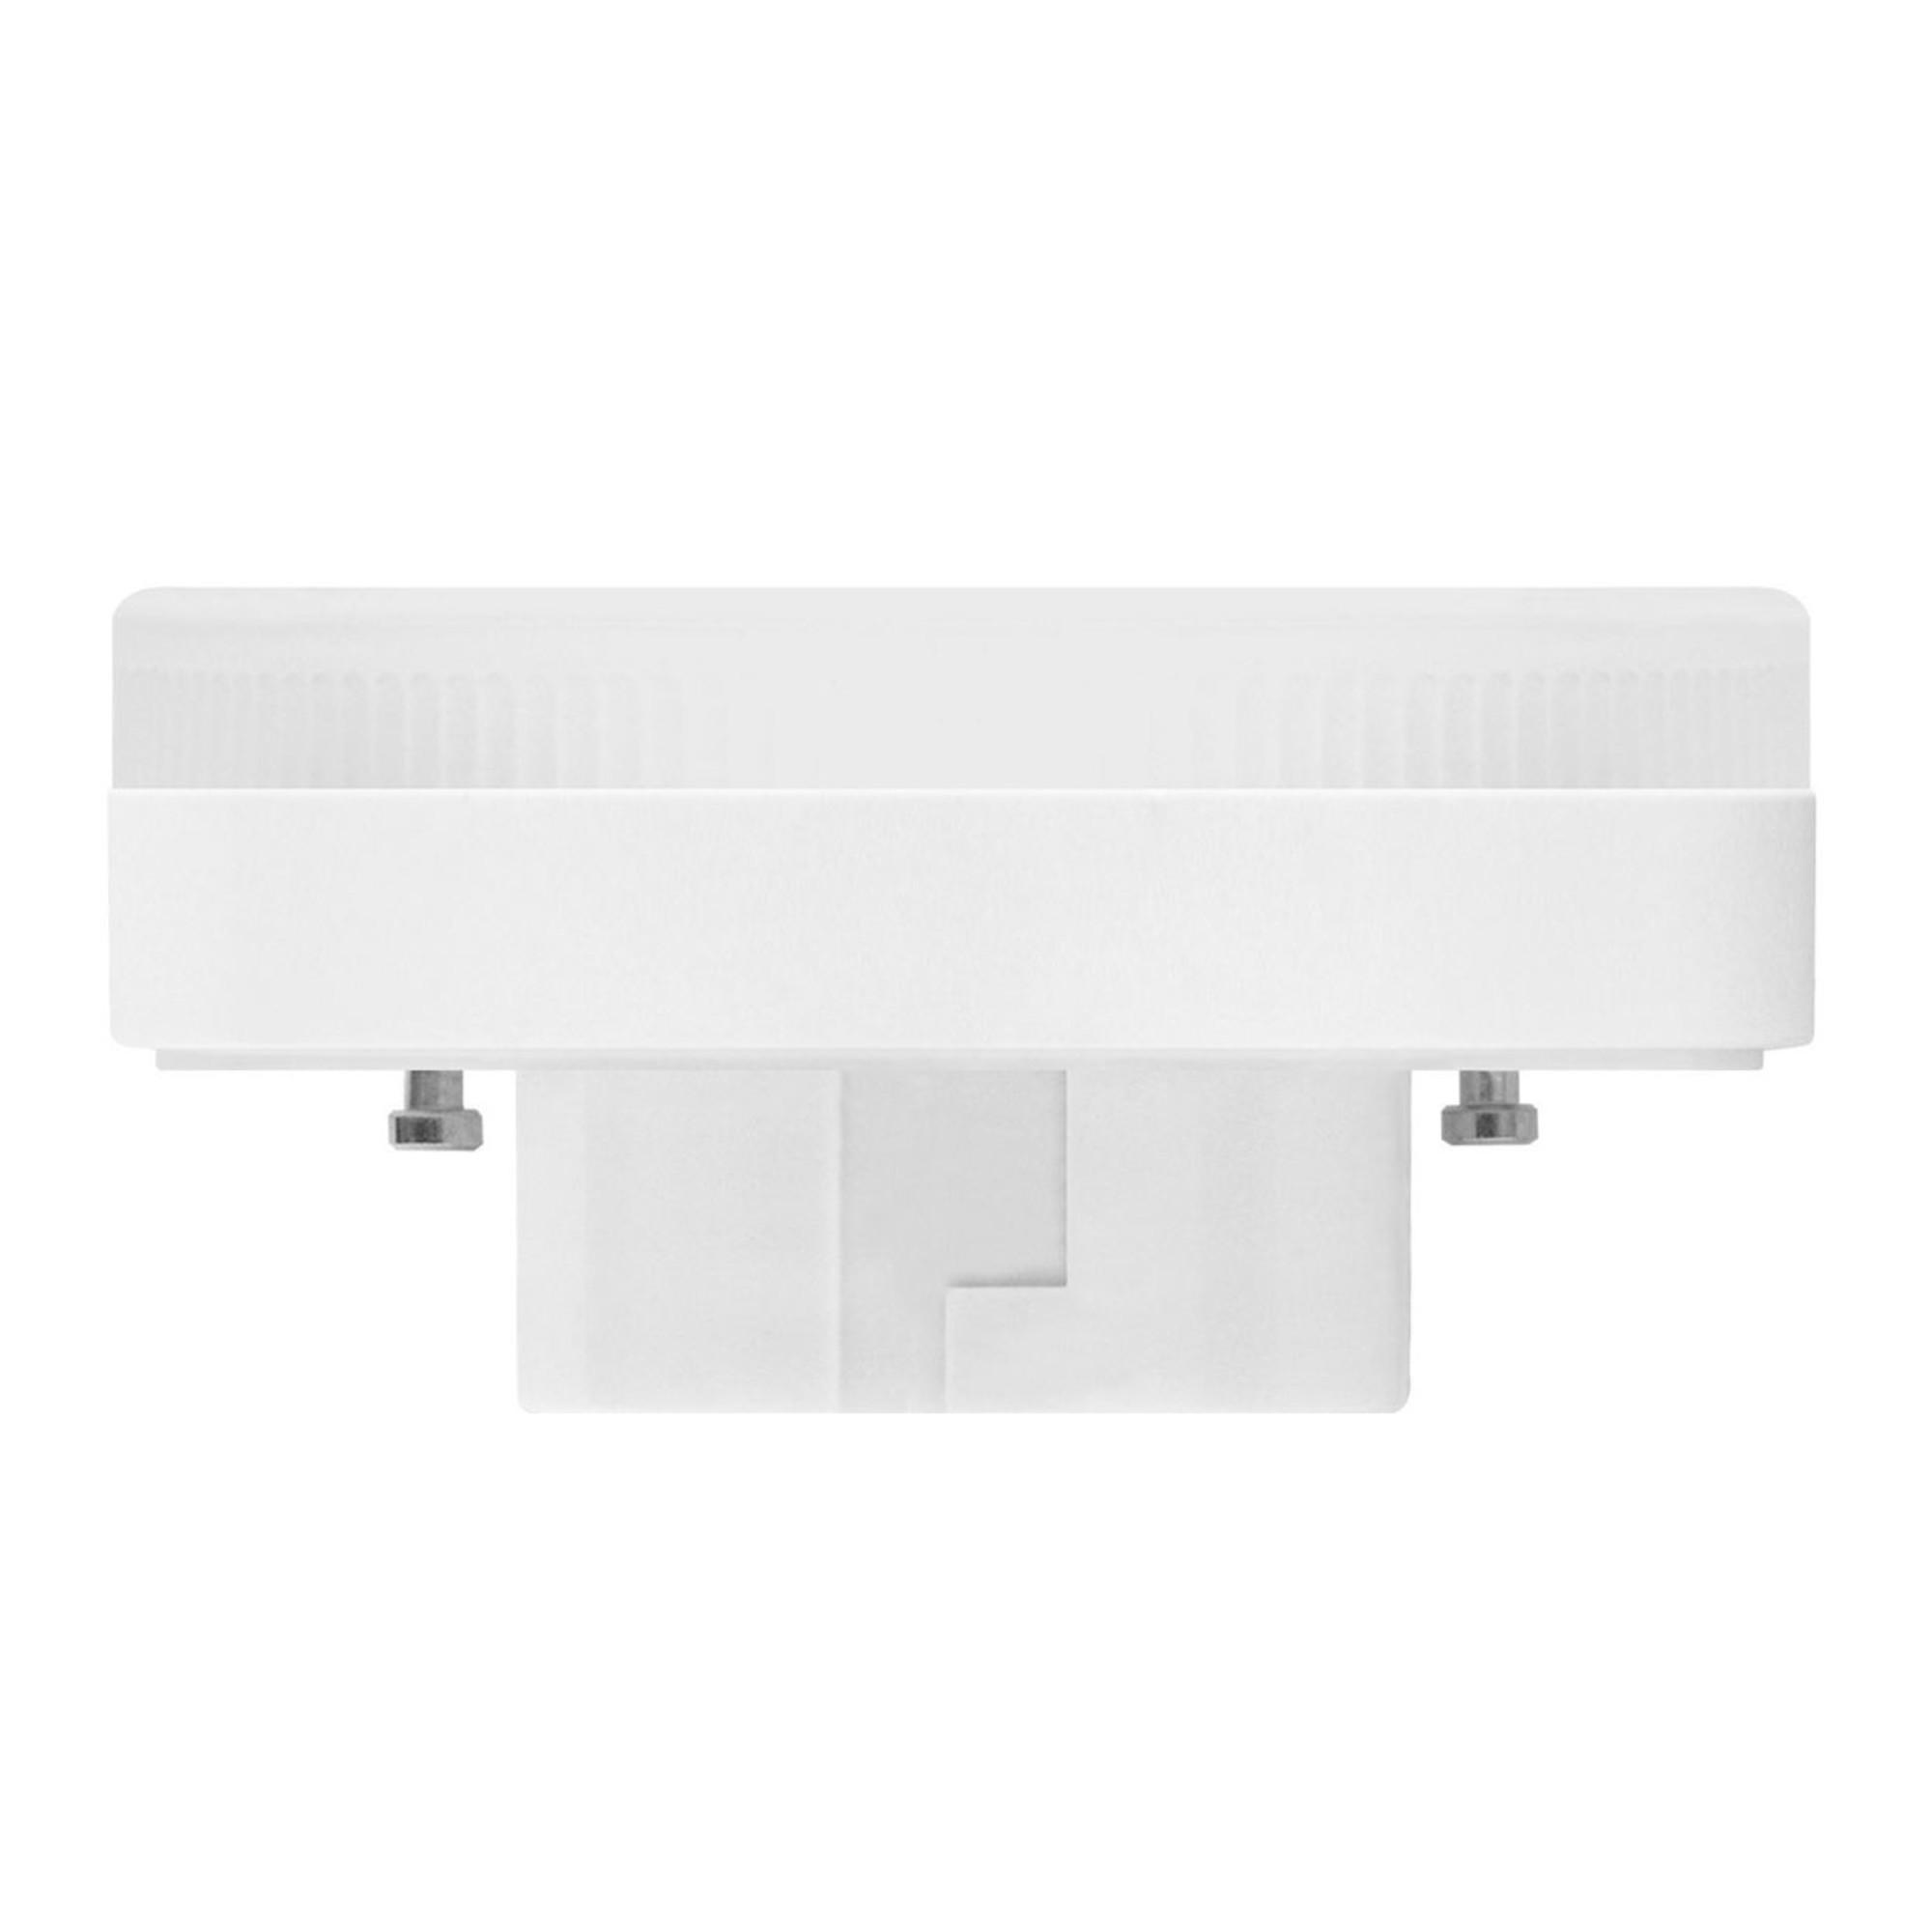 Лампа светодиодная Gх53 220 В 8 Вт спот матовый 670 лм белый свет